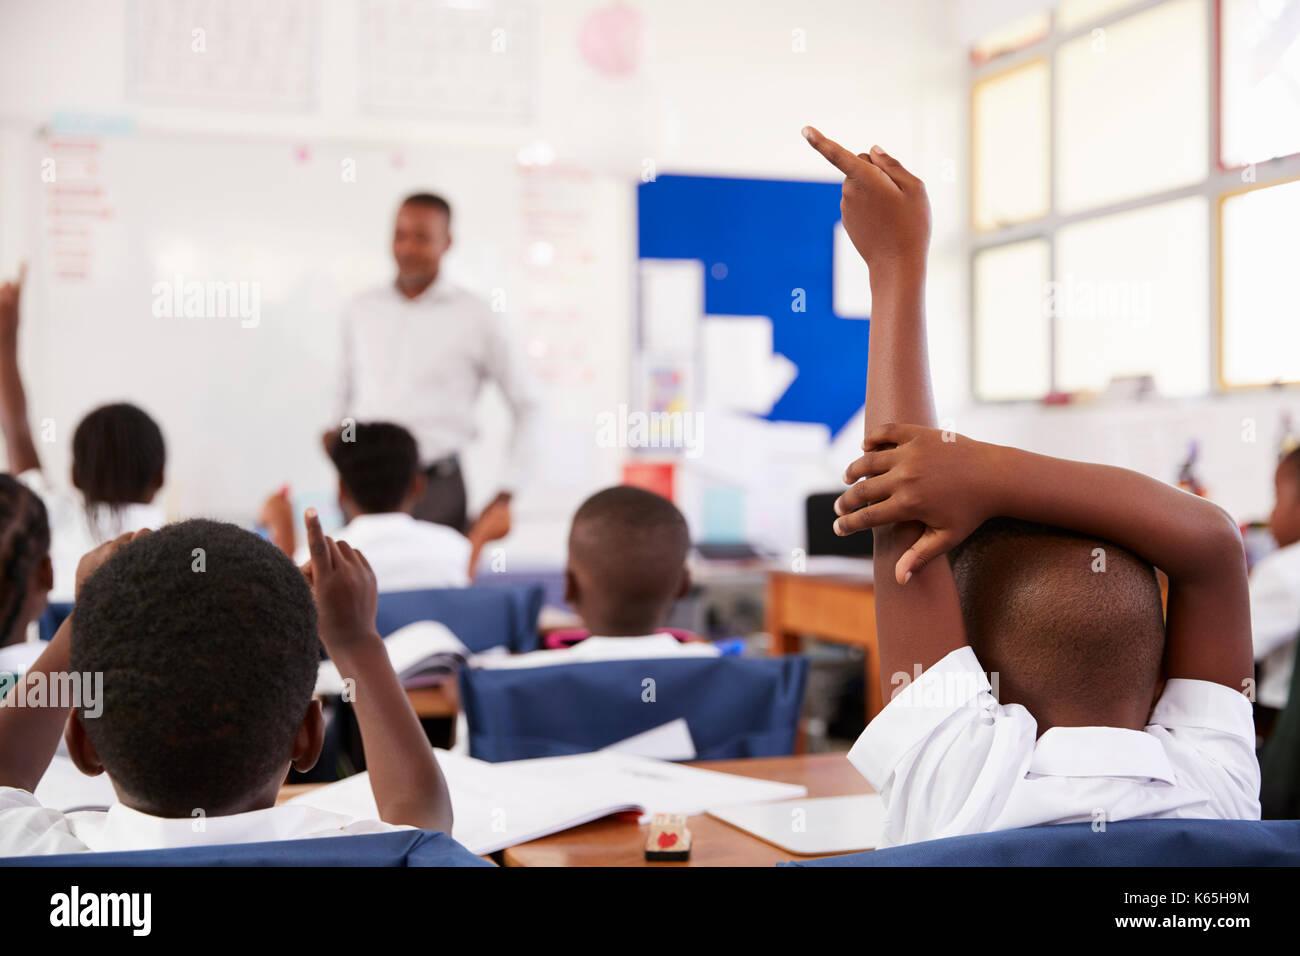 Des mains des enfants pour répondre à l'enseignant dans une école élémentaire leçon Photo Stock